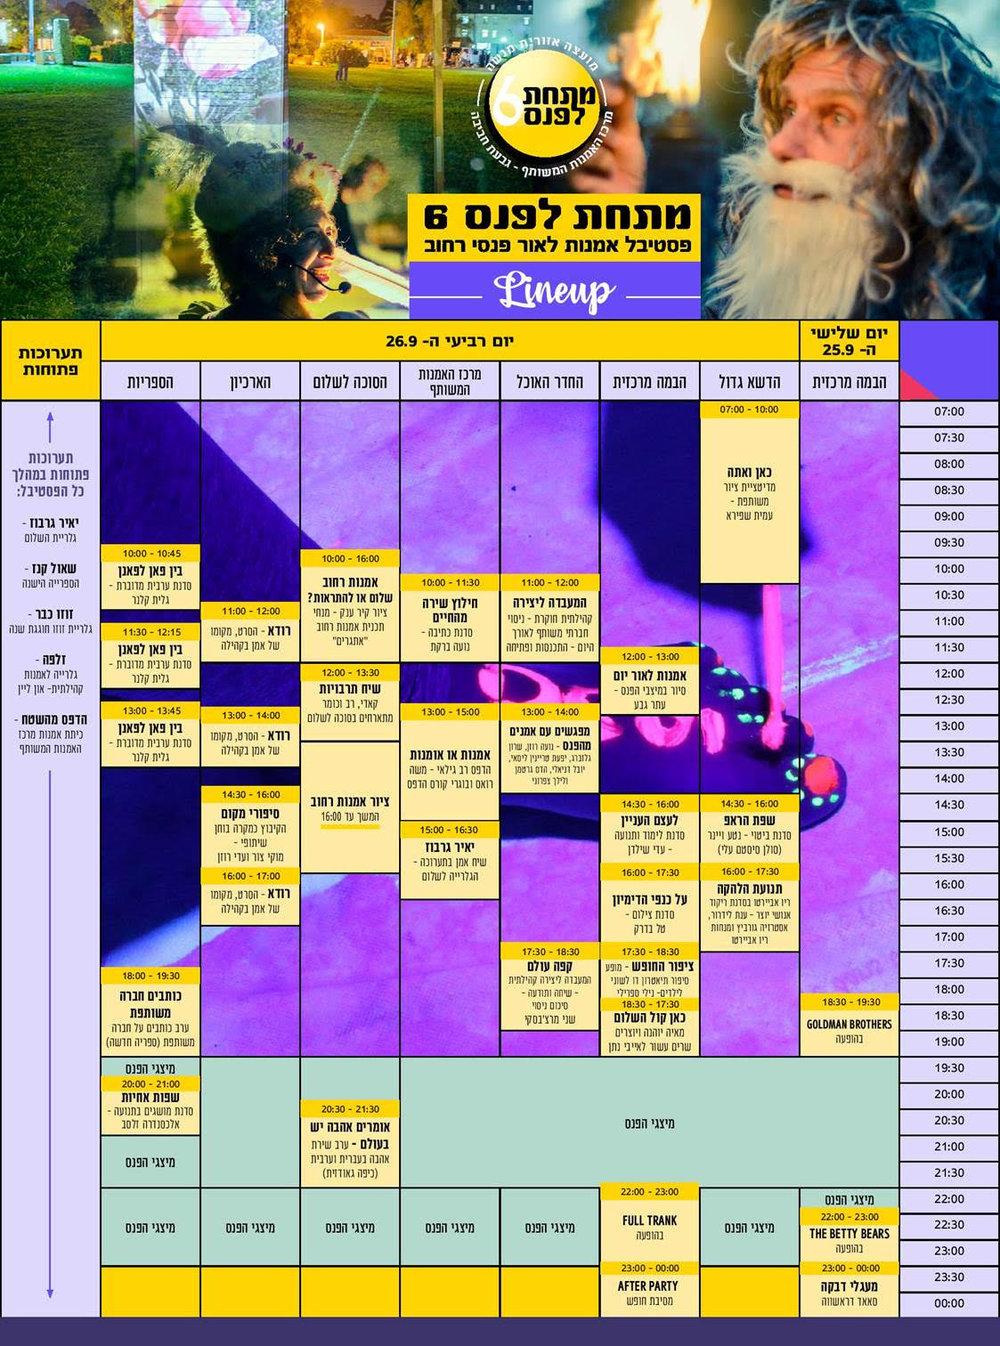 פסטיבל מתחת לפנס, גבעת חביבה_26, 27 לספטמבר.jpg